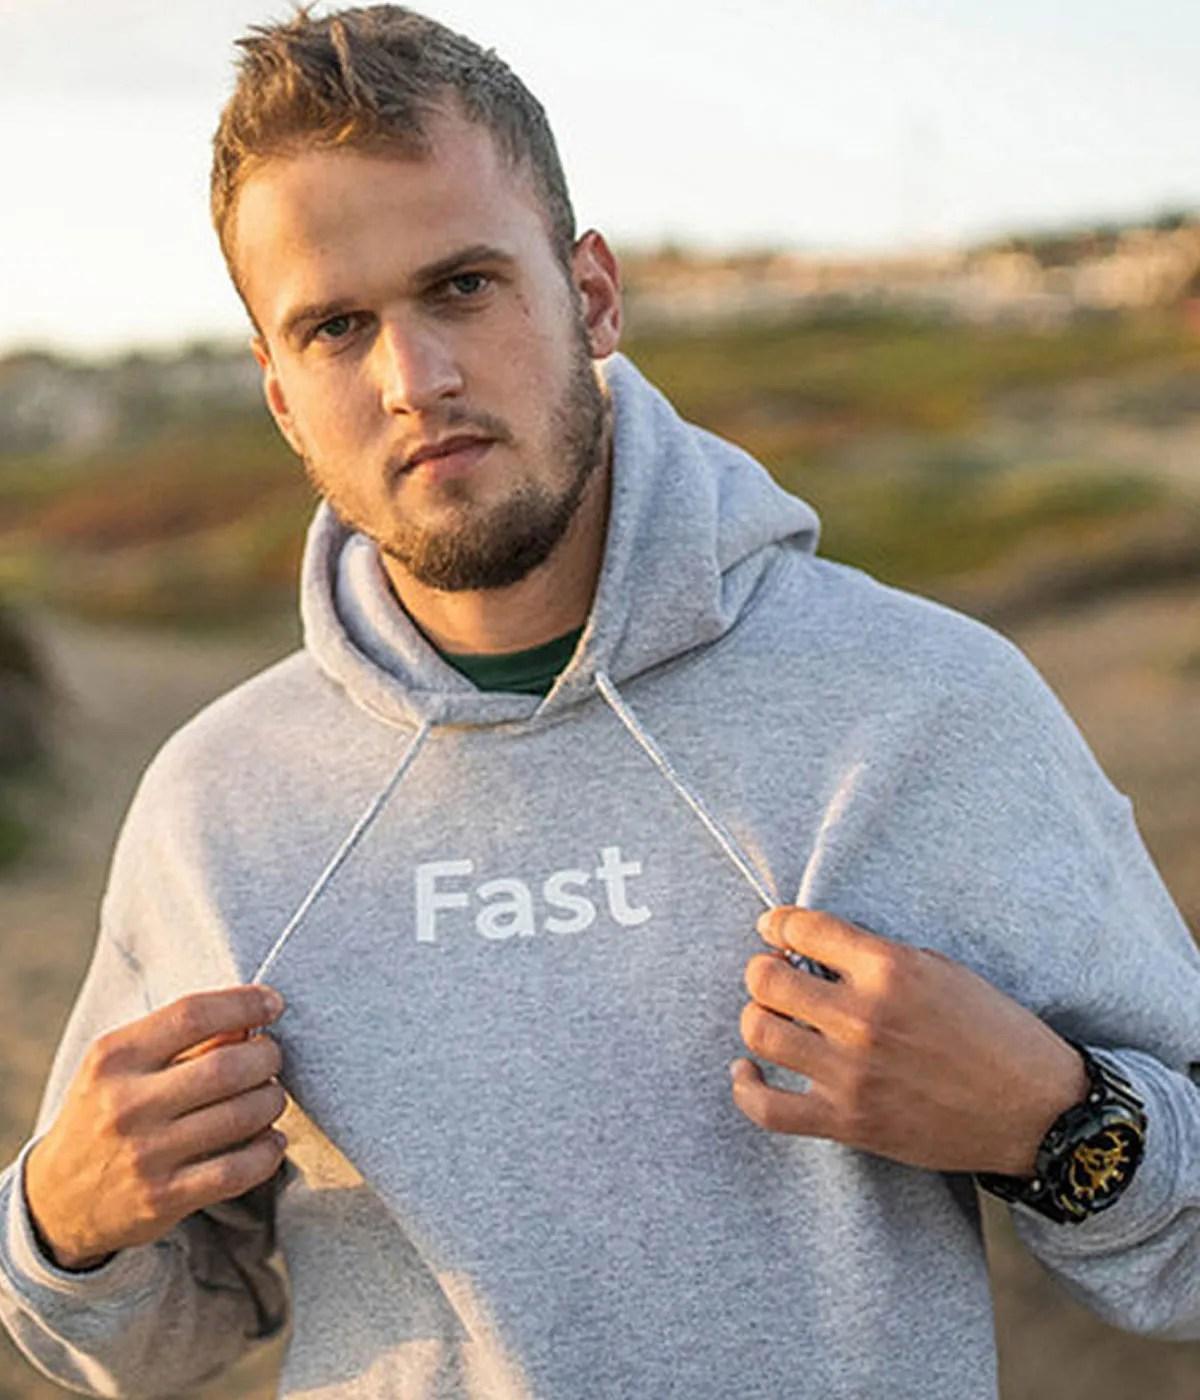 fast-parker-kligerman-hoodie